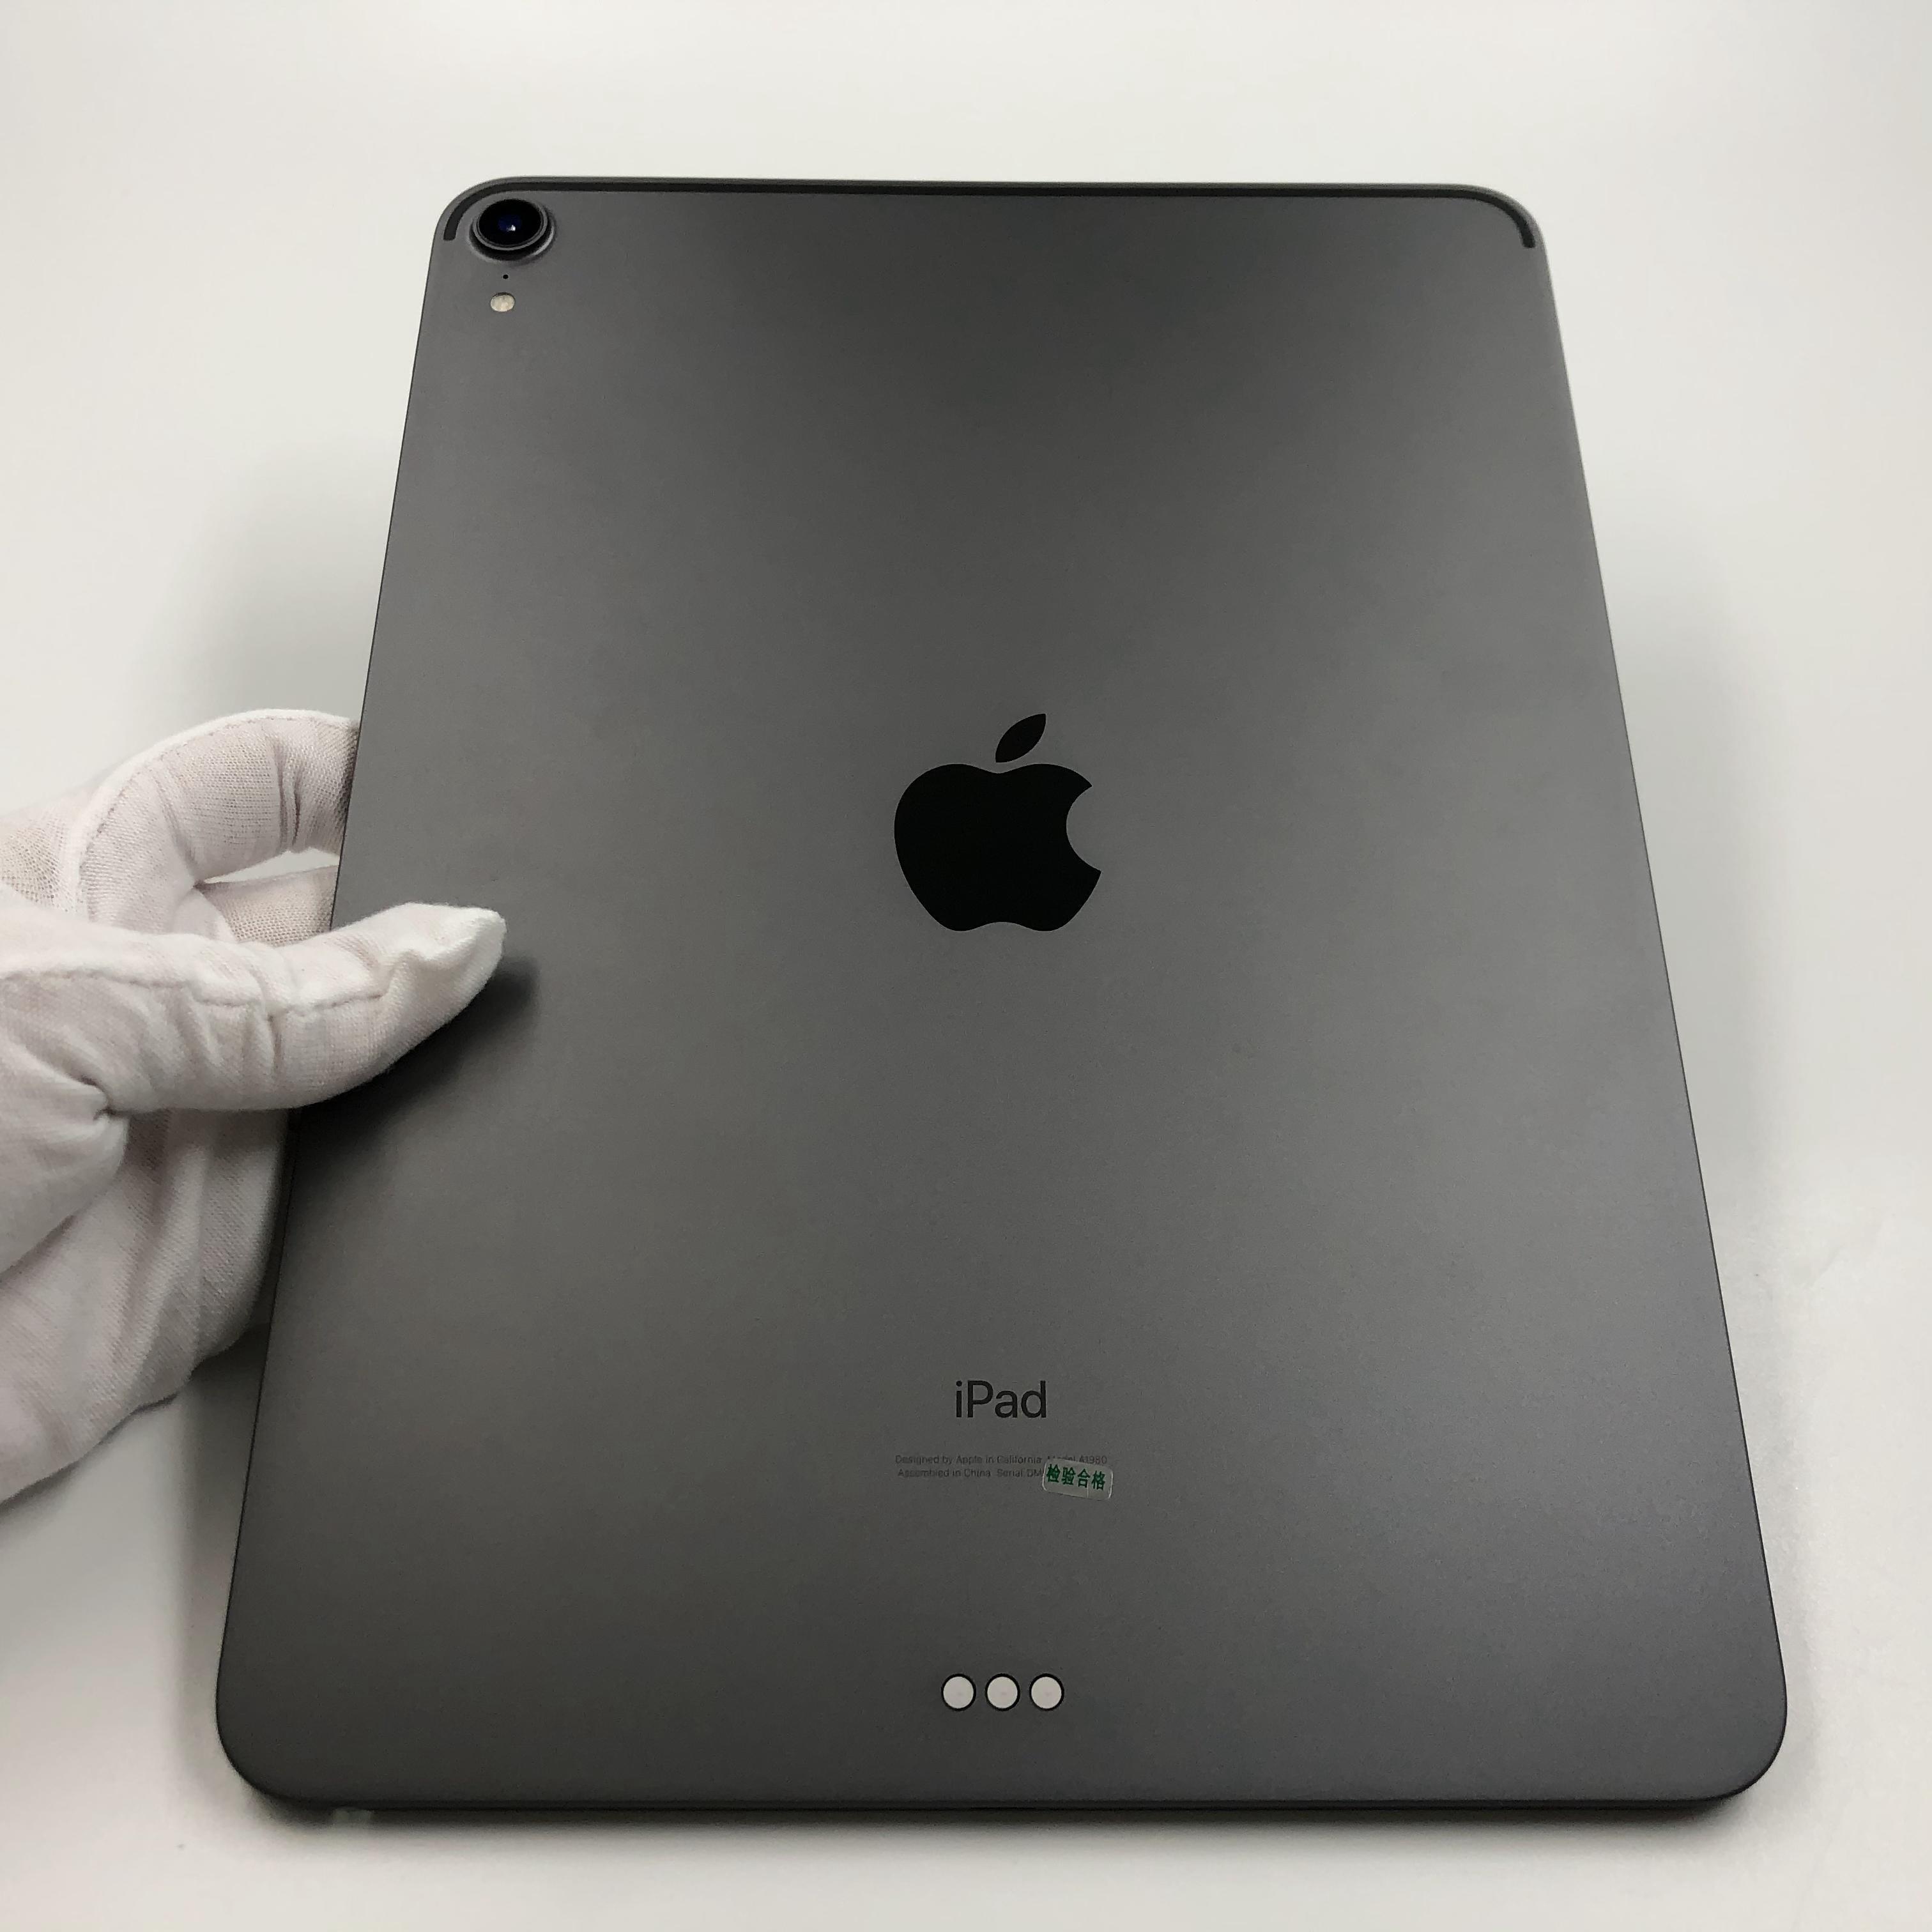 苹果【iPad Pro 11英寸 18款】WIFI版 深空灰 64G 国际版 9成新 真机实拍